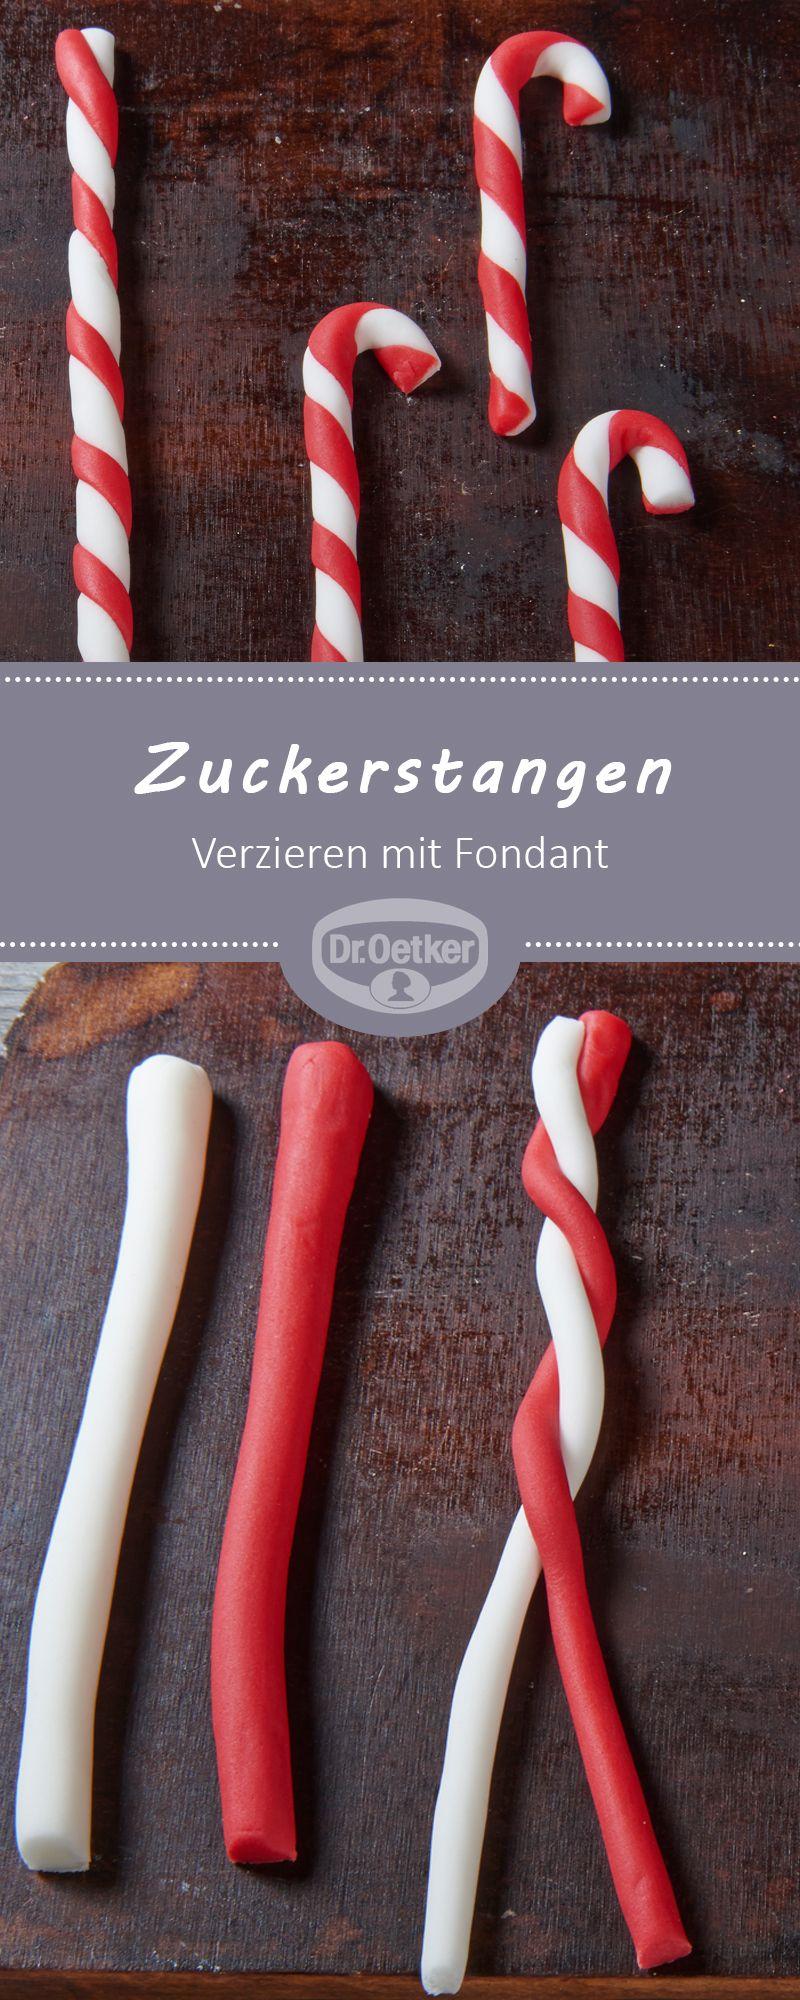 Verzieren mit Fondant - Zuckerstangen: Kleine Zuckerstangen aus Fondant geformt zur Dekoration von Plätzchen oder Lebkuchenmännchen #fondant